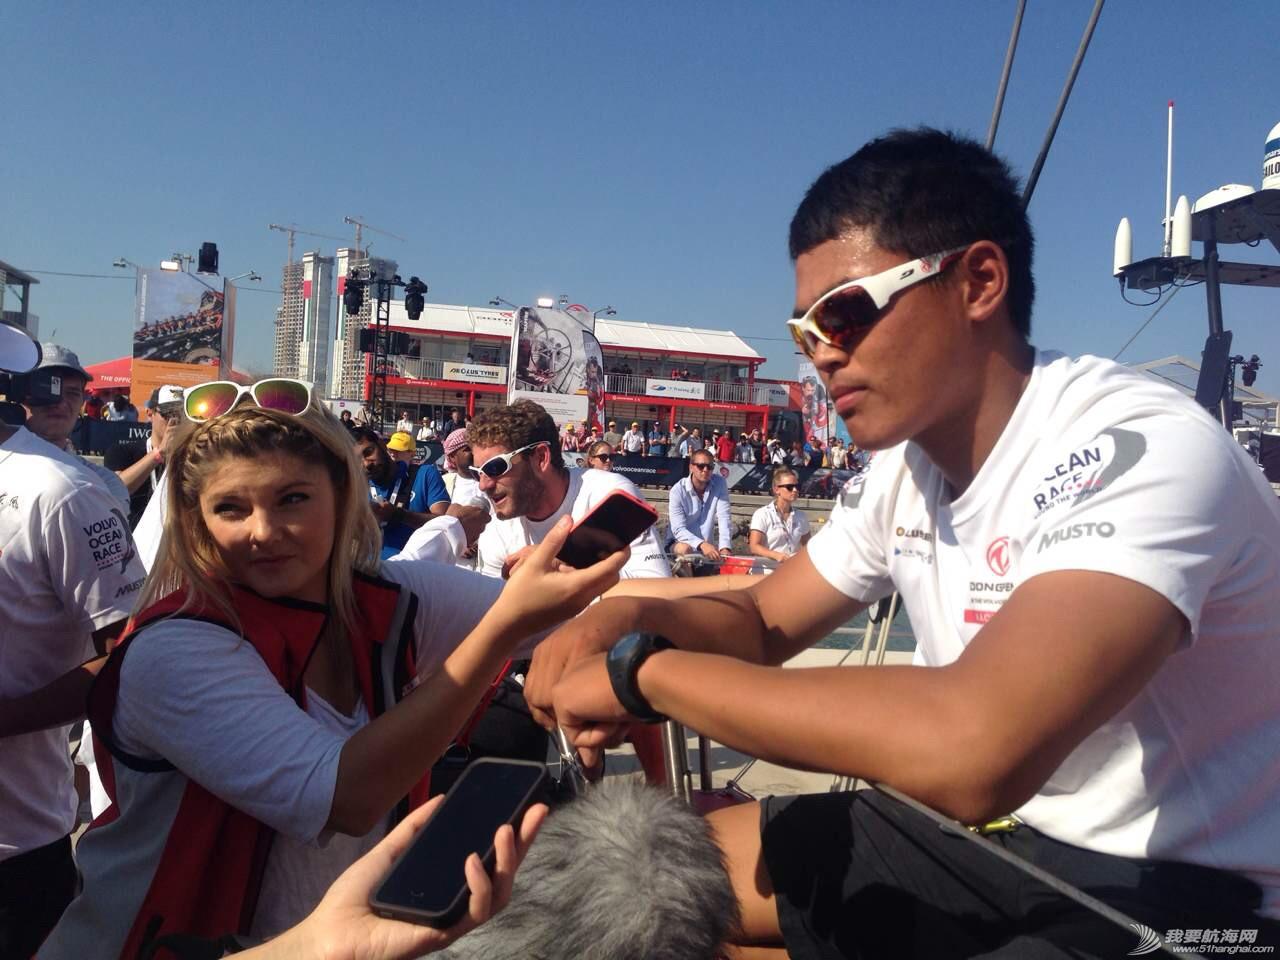 积分榜,北京时间,沃尔沃,阿布扎比,比赛结果 第二赛段东风队十几分钟之差屈居第二,布鲁内尔队获第一 沃尔沃环球帆船赛前线报道 刘学接受媒体采访